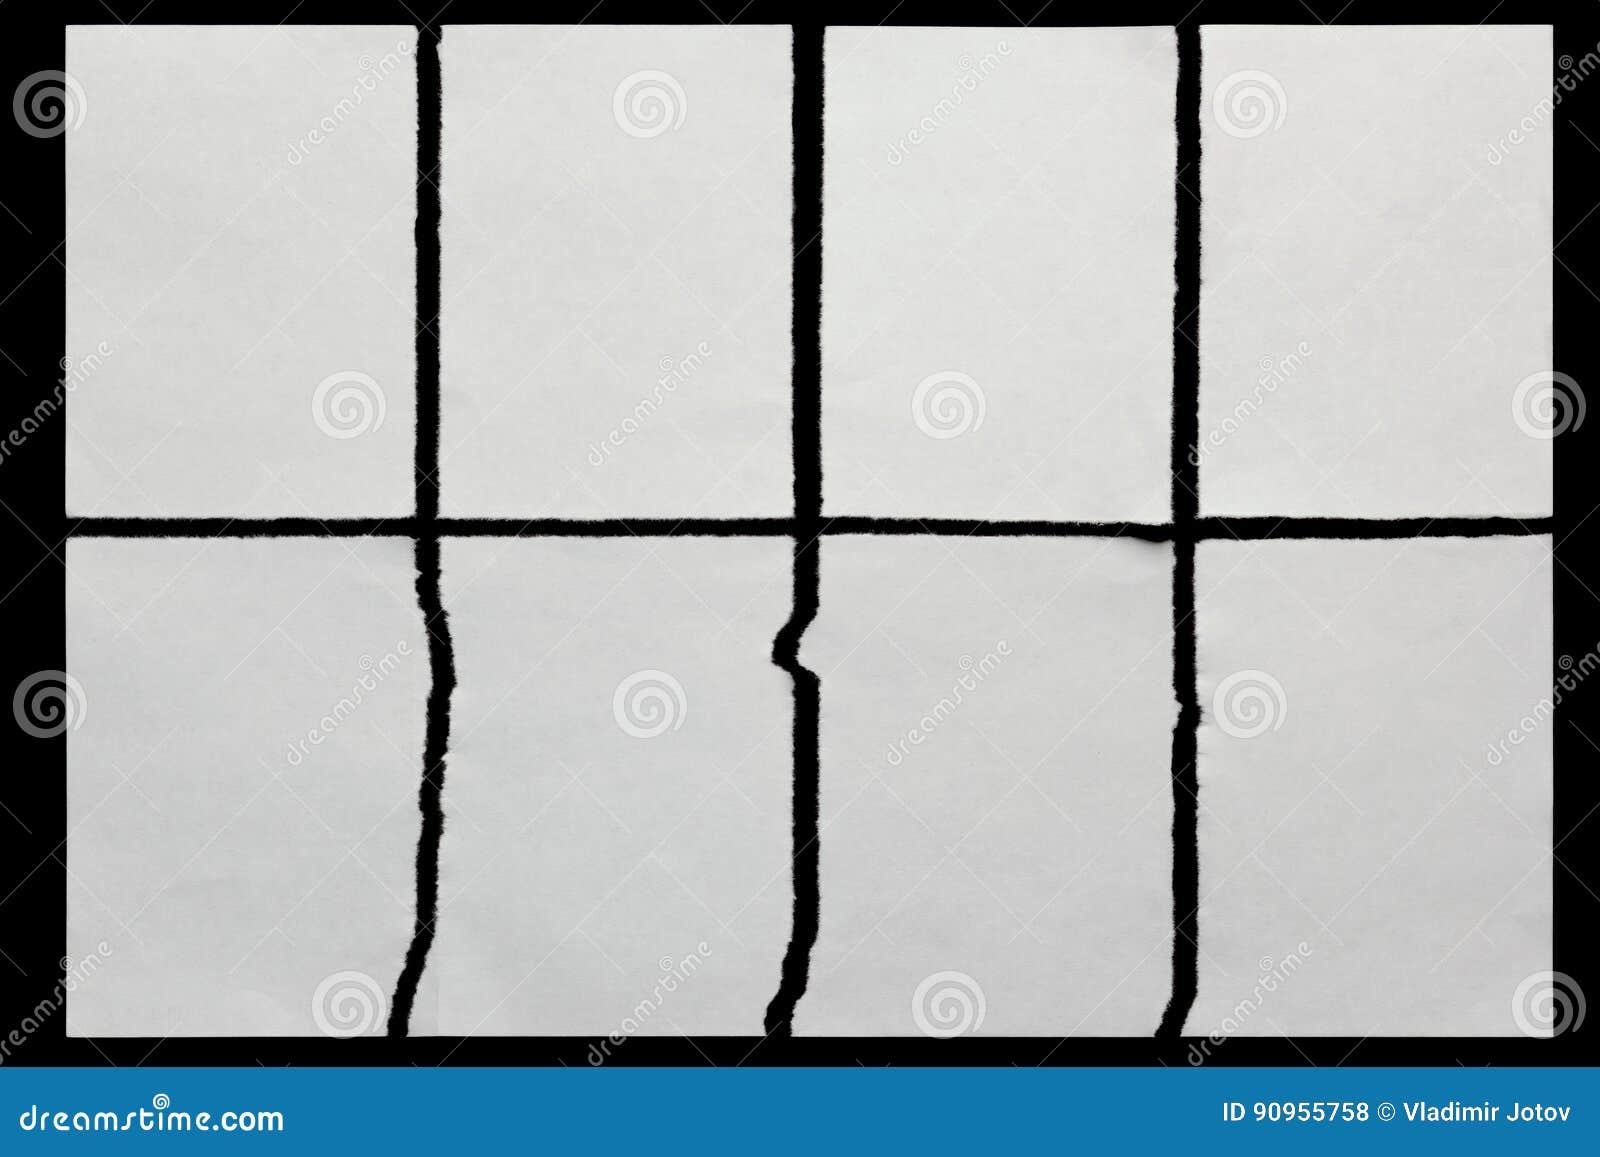 Tapezieren Sie zerrissen in acht Stücke auf einem Schwarzen